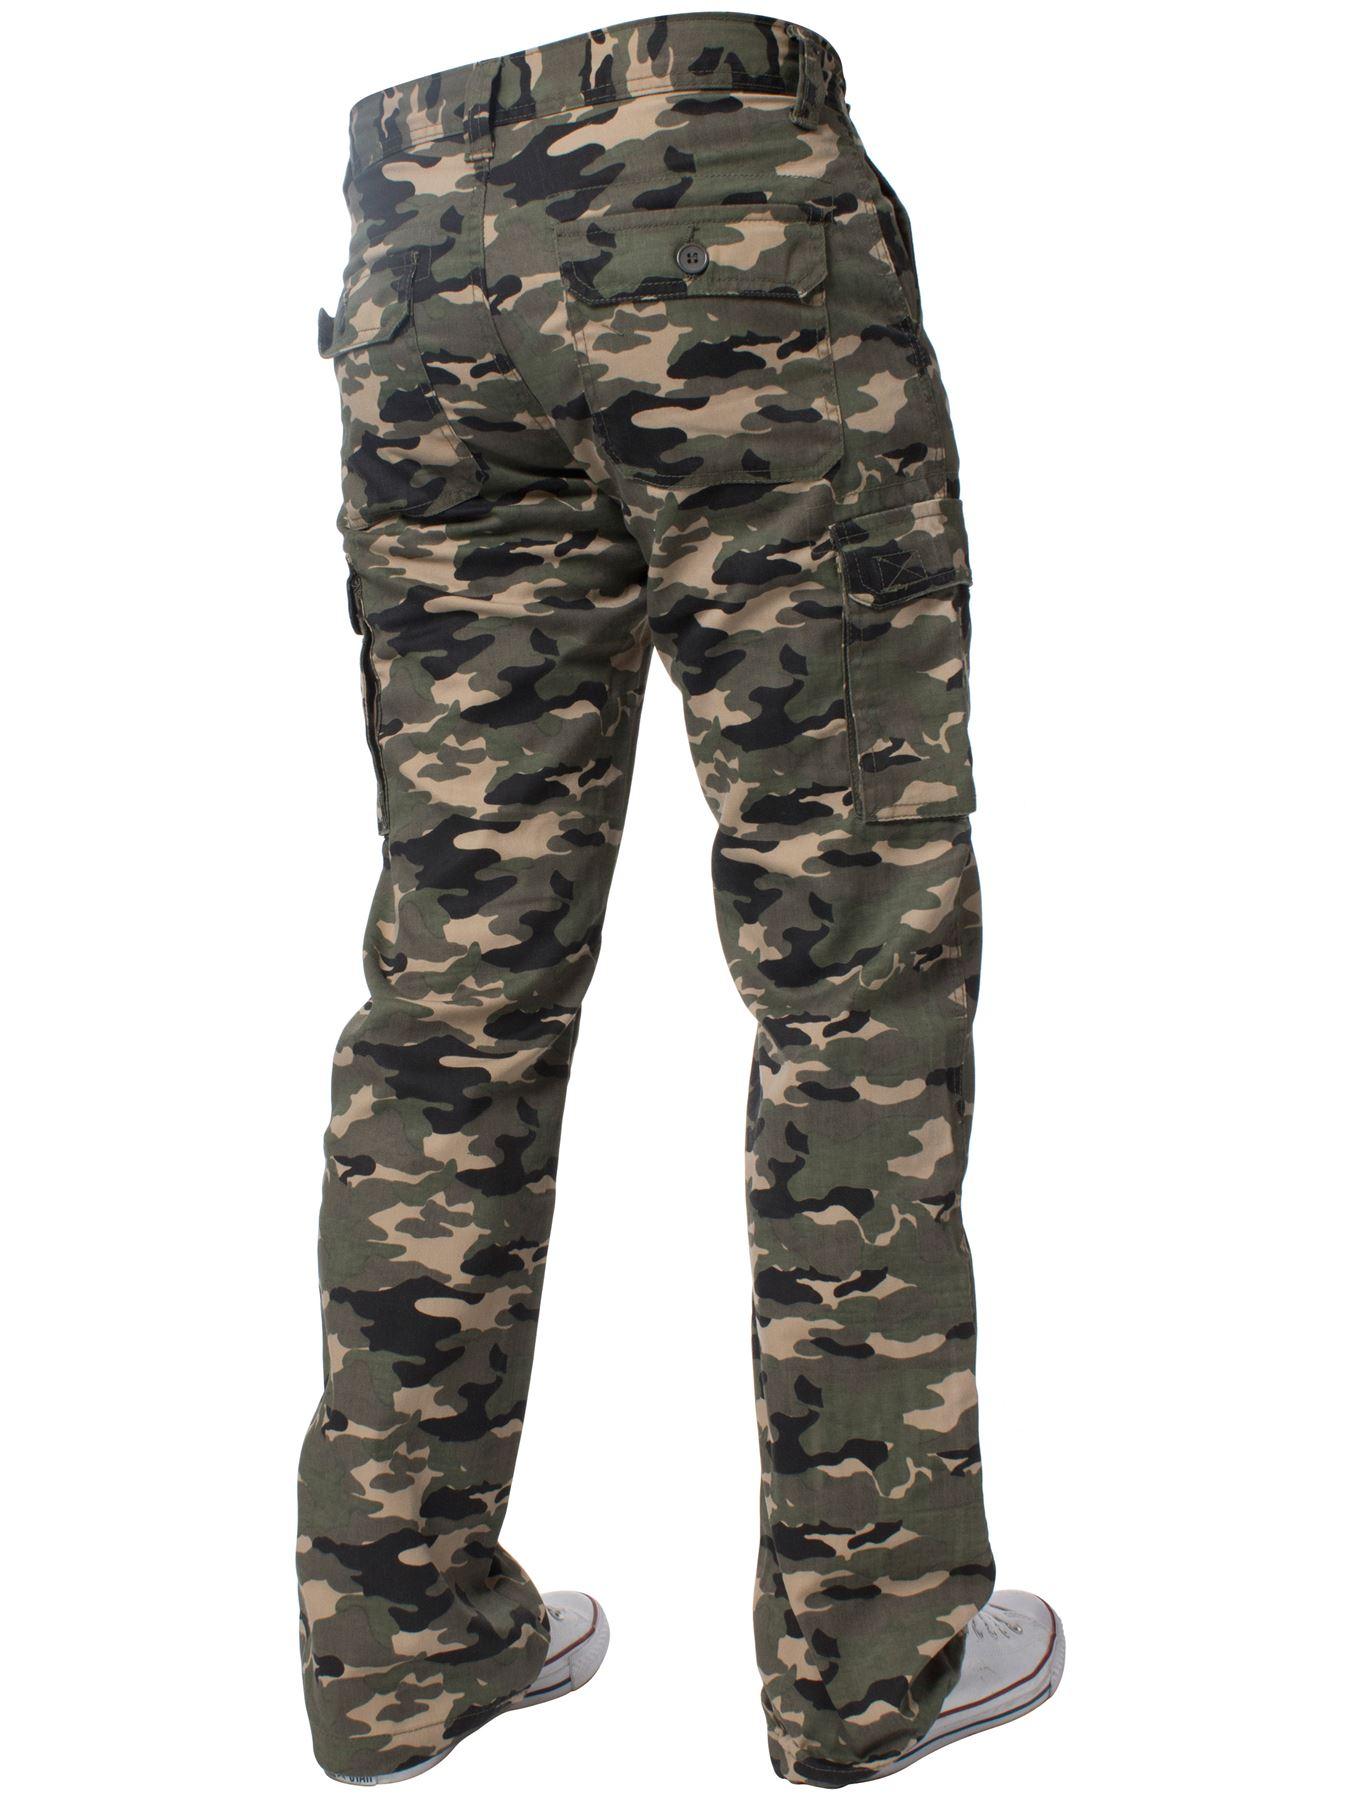 Kruze-Uomo-Militare-Pantaloni-Camouflage-Cargo-Mimetico-Casual-Lavoro miniatura 16